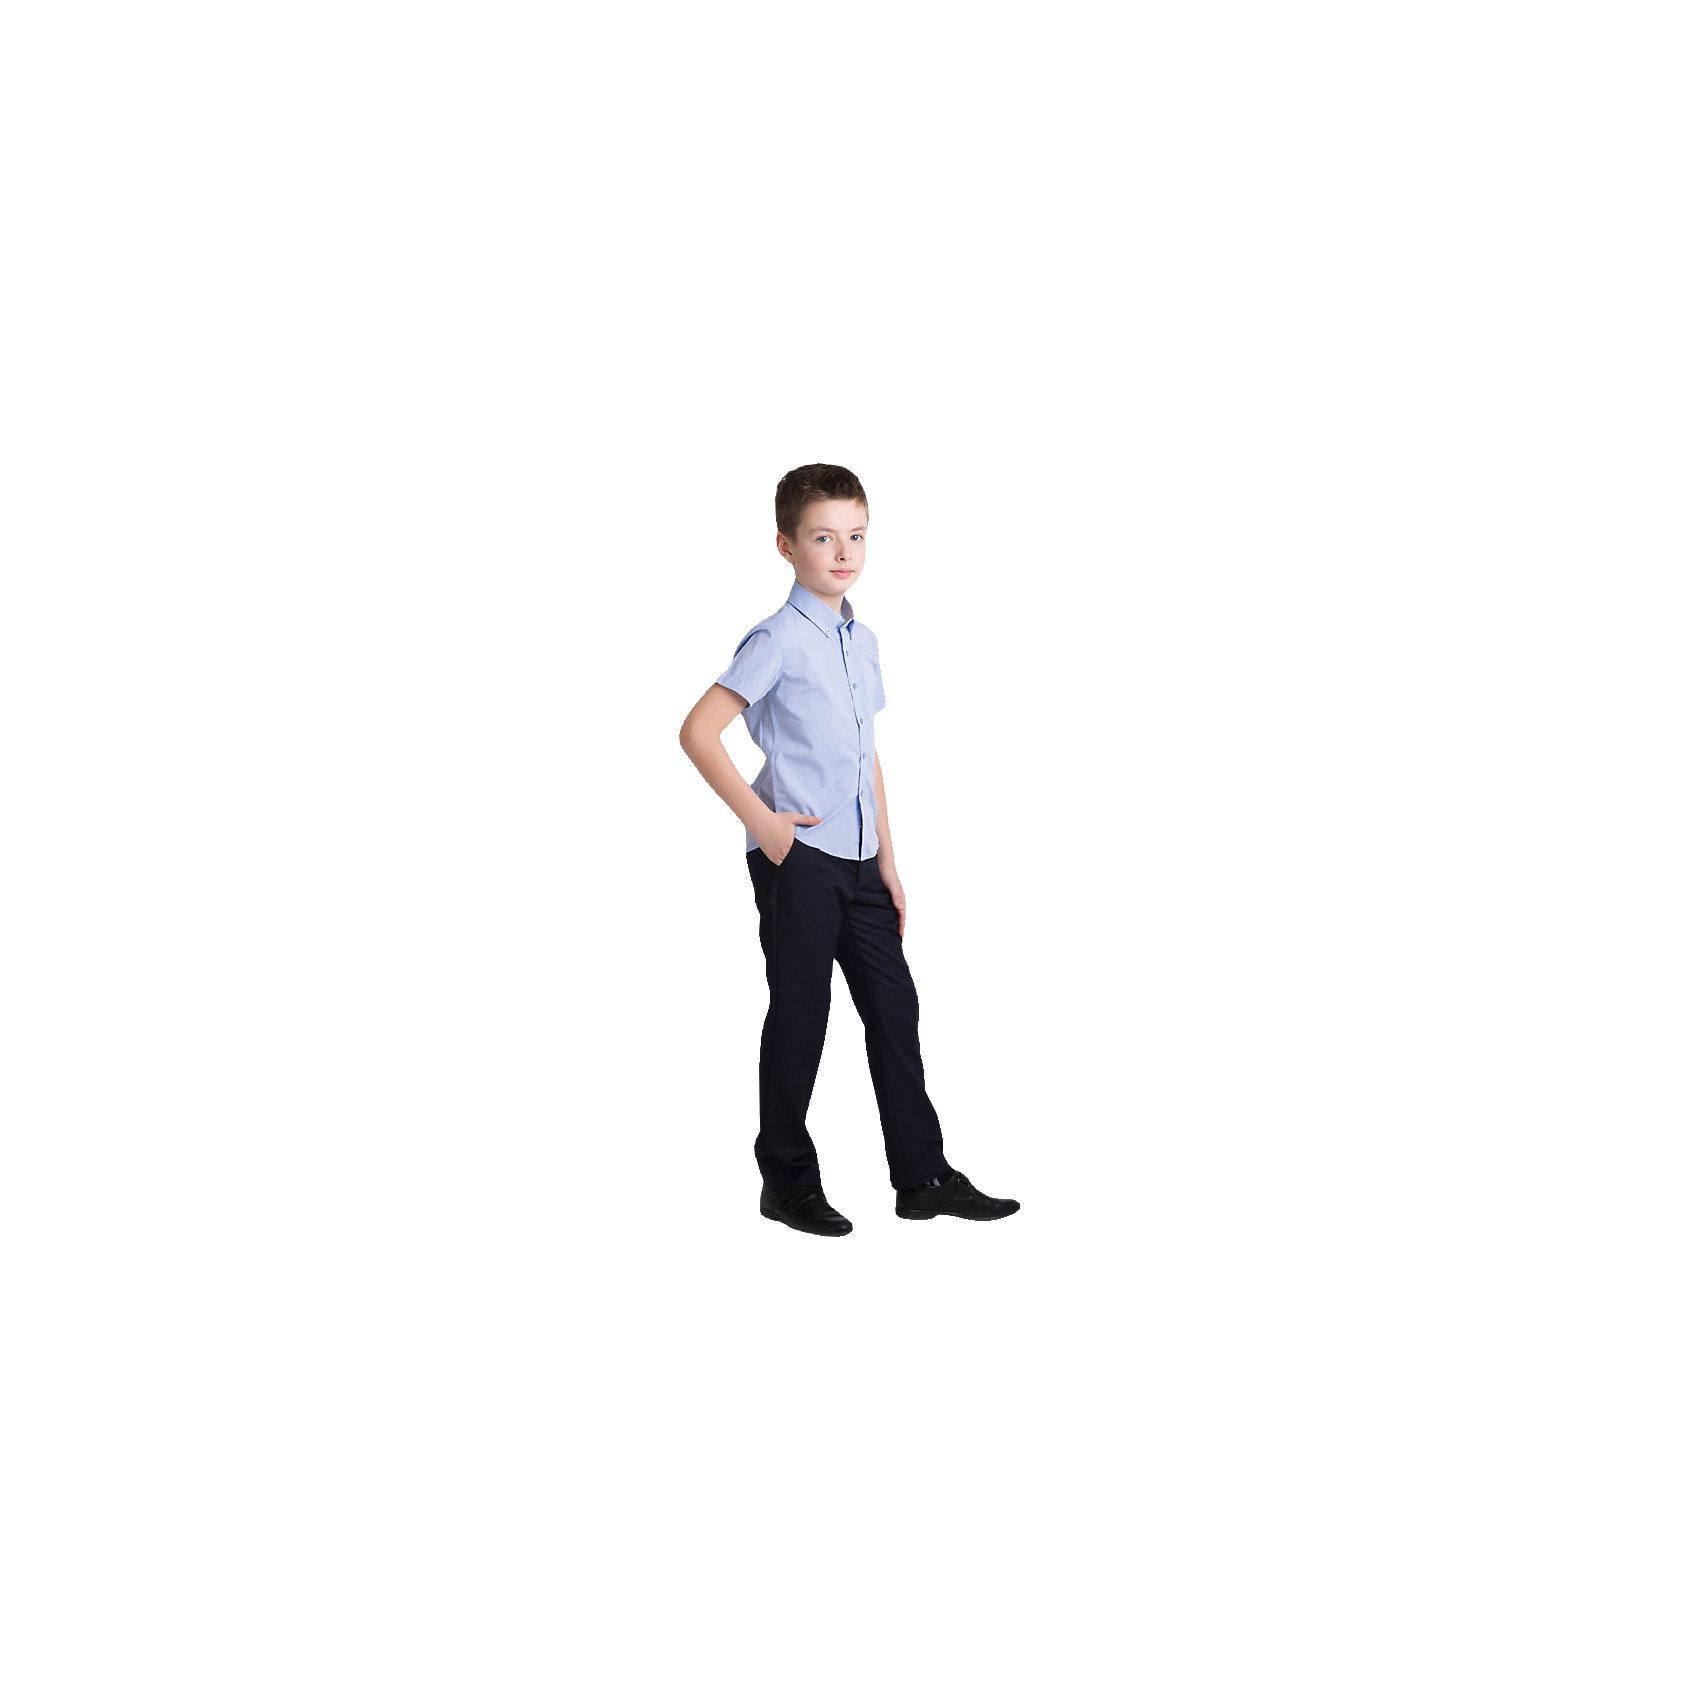 Рубашка для мальчика ScoolРубашка для мальчика от известной марки Scool.<br>* стильная сорочка с коротким рукавом<br>* накладной карман на груди<br>* отложной воротник классической формы<br>* застежка - пуговицы<br>* манжеты на одной пуговице<br>Состав:<br>100% хлопок<br><br>Ширина мм: 174<br>Глубина мм: 10<br>Высота мм: 169<br>Вес г: 157<br>Цвет: голубой<br>Возраст от месяцев: 144<br>Возраст до месяцев: 156<br>Пол: Мужской<br>Возраст: Детский<br>Размер: 158,152,164,128,140,134,146<br>SKU: 4140565